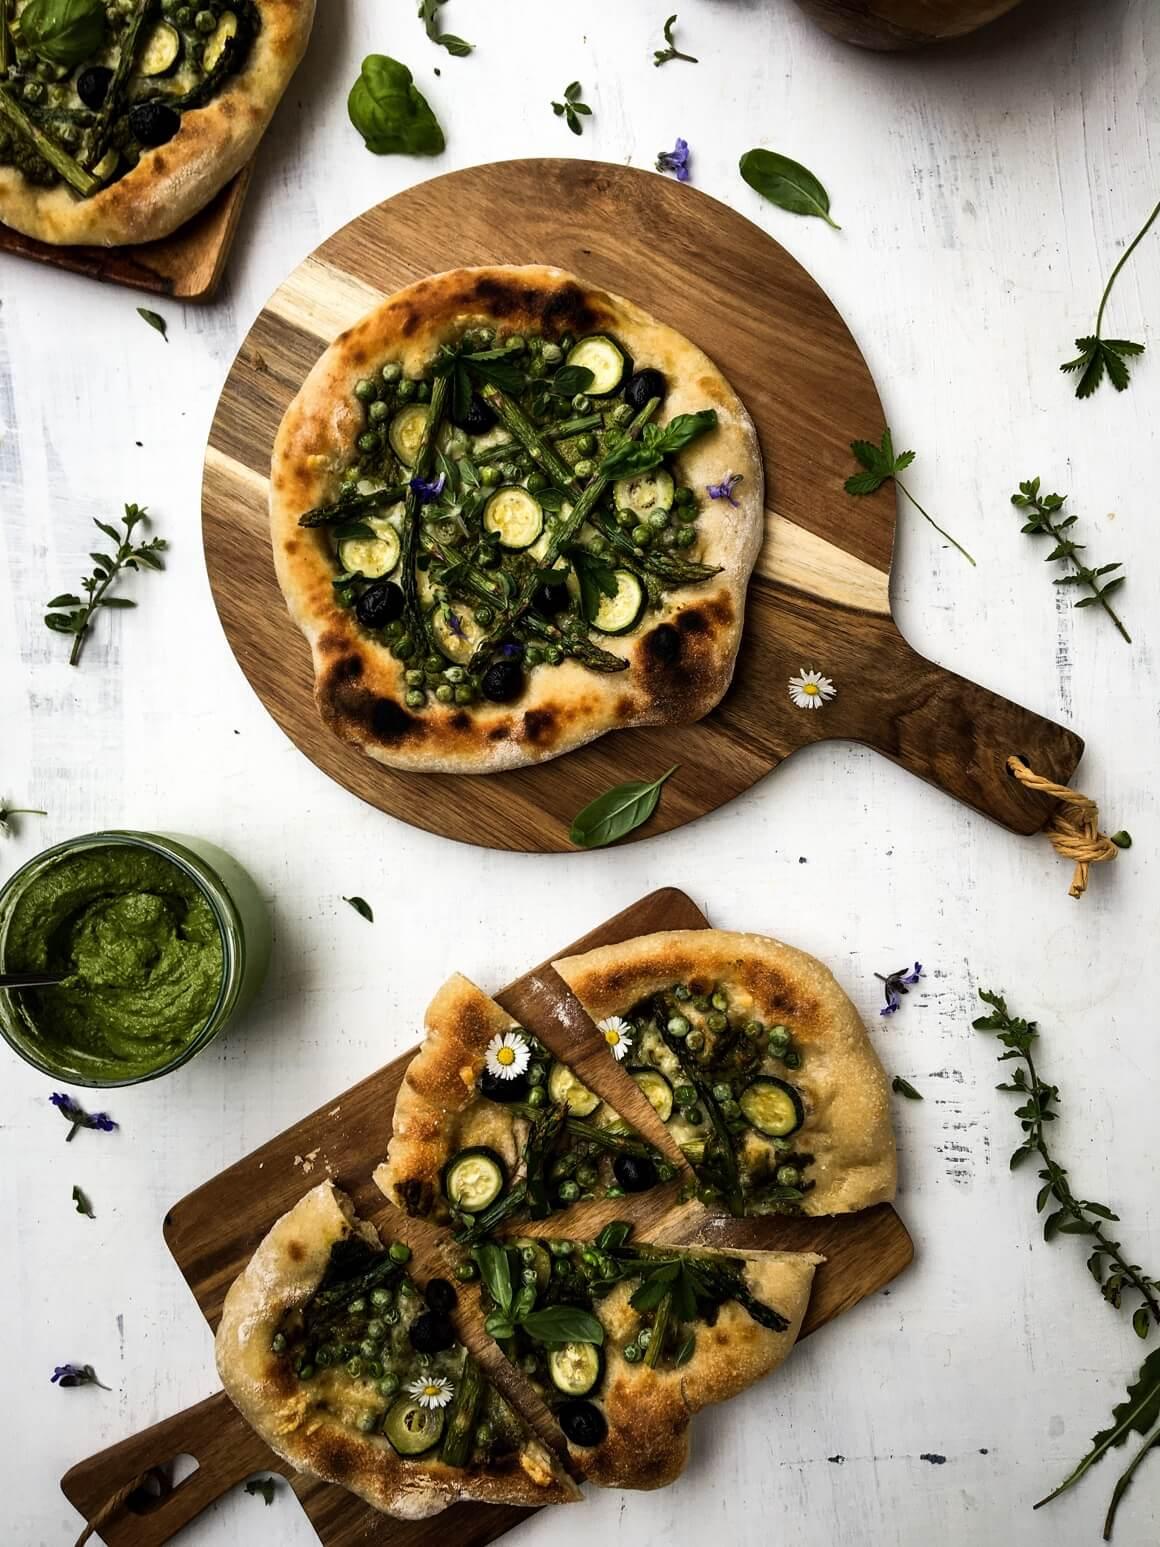 Pizza s pestom od blitve